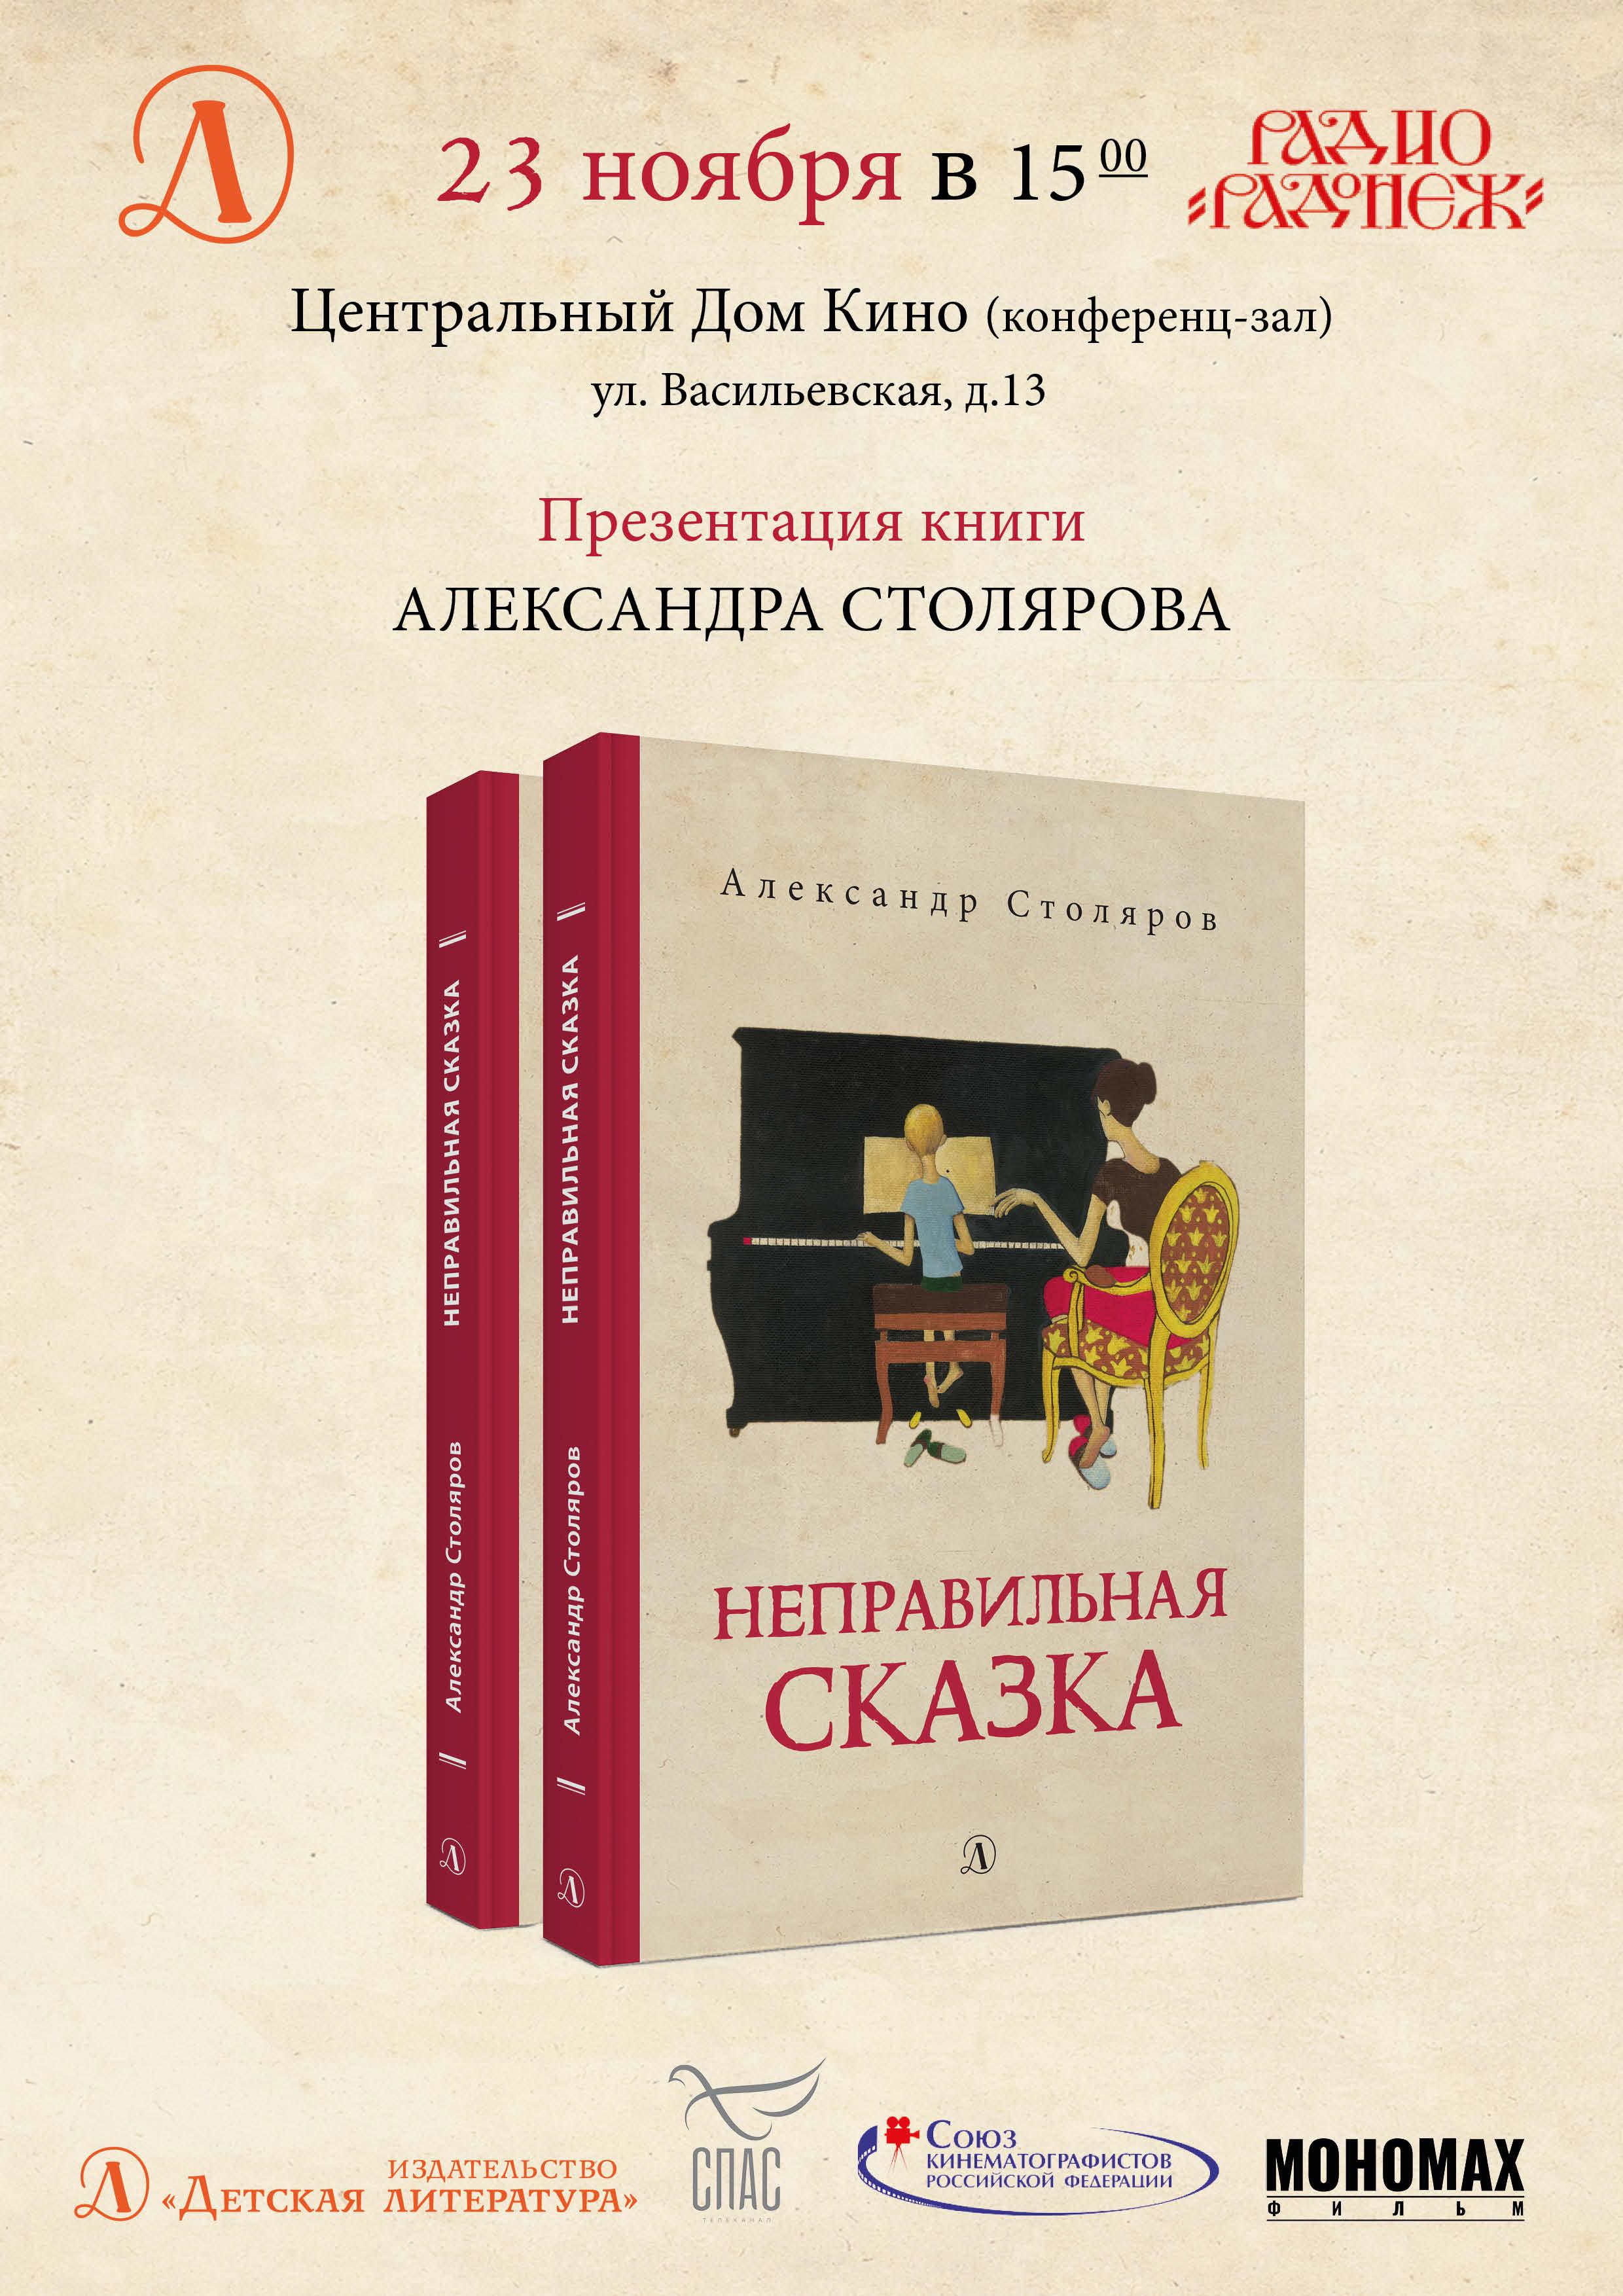 23 ноября состоится презентация книги «Неправильная сказка» Александра Столярова